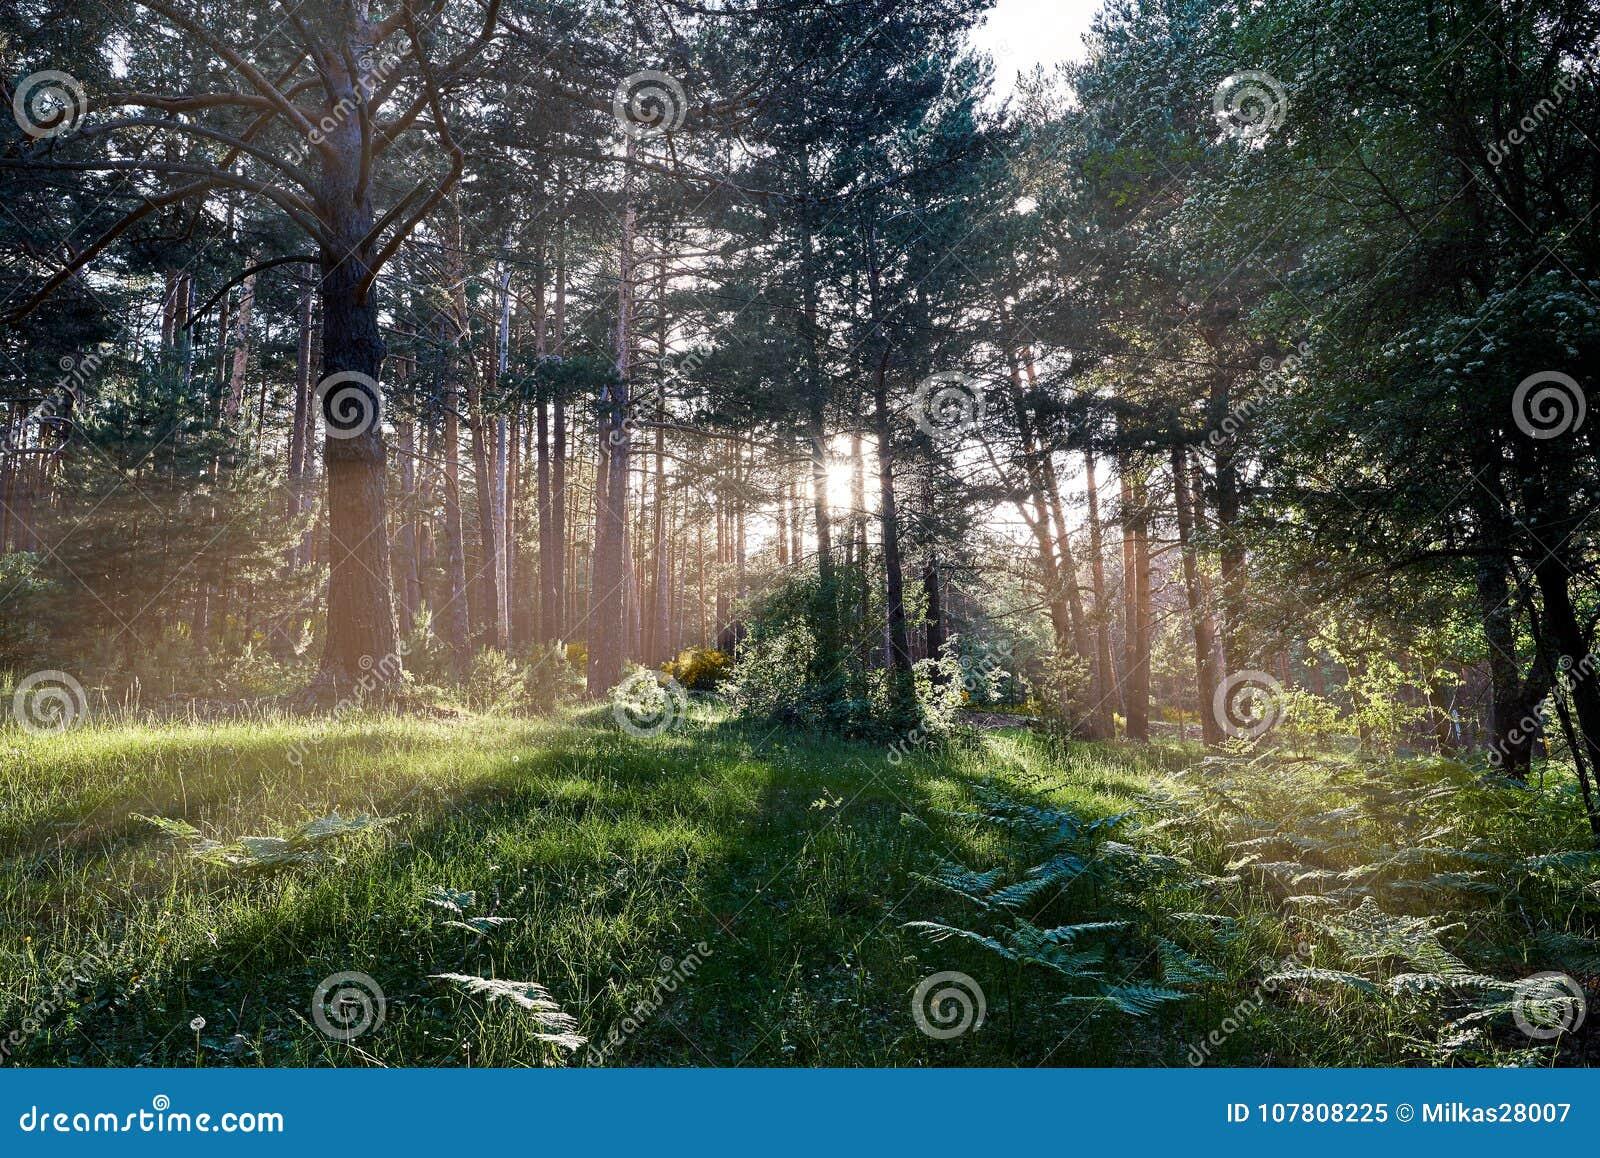 Sunlight breaking through tree trunks